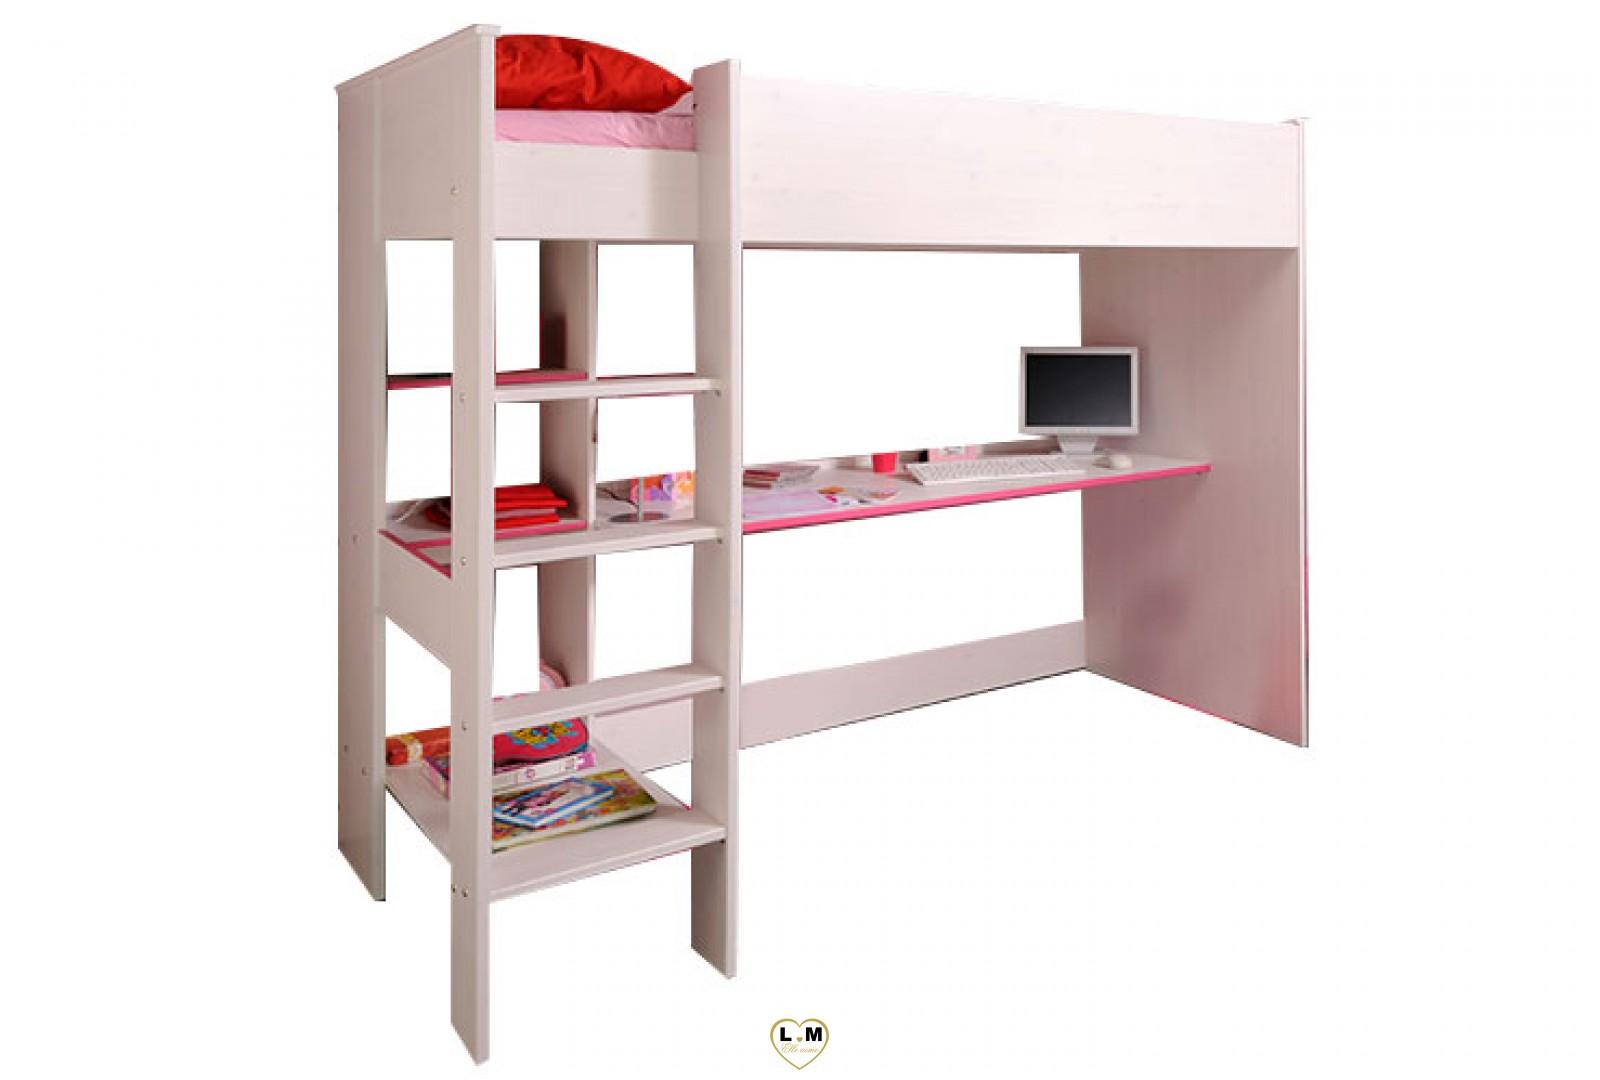 Paloma pin menphis et chants rose ou bleu chambre